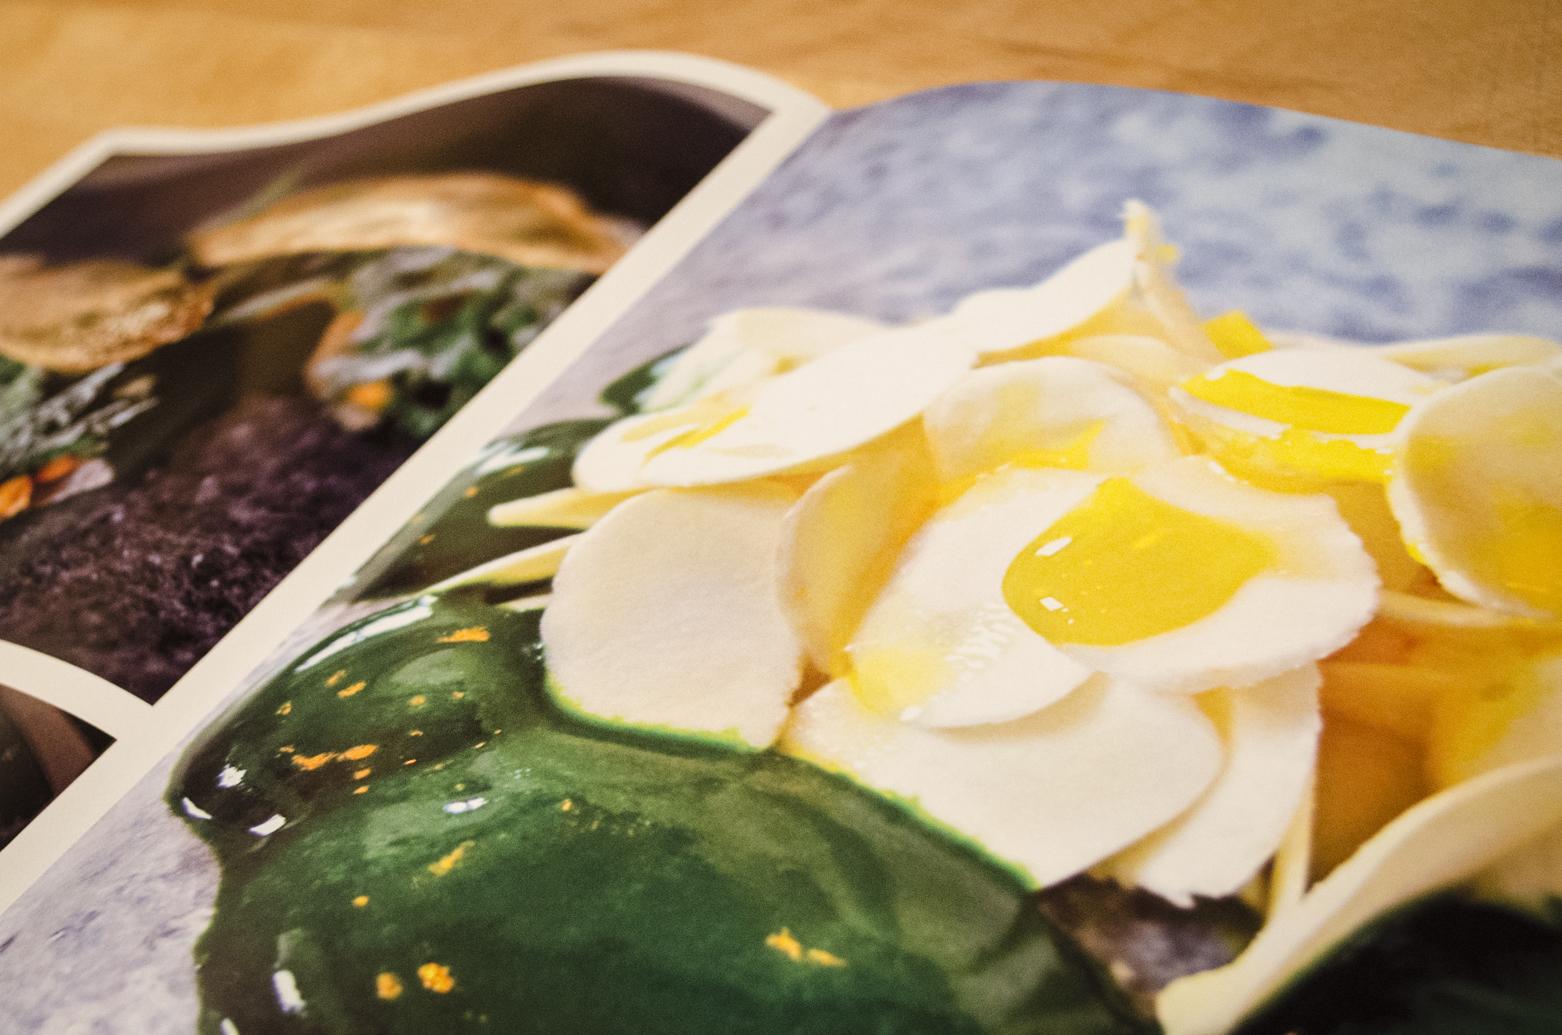 noma brochure 058.jpg